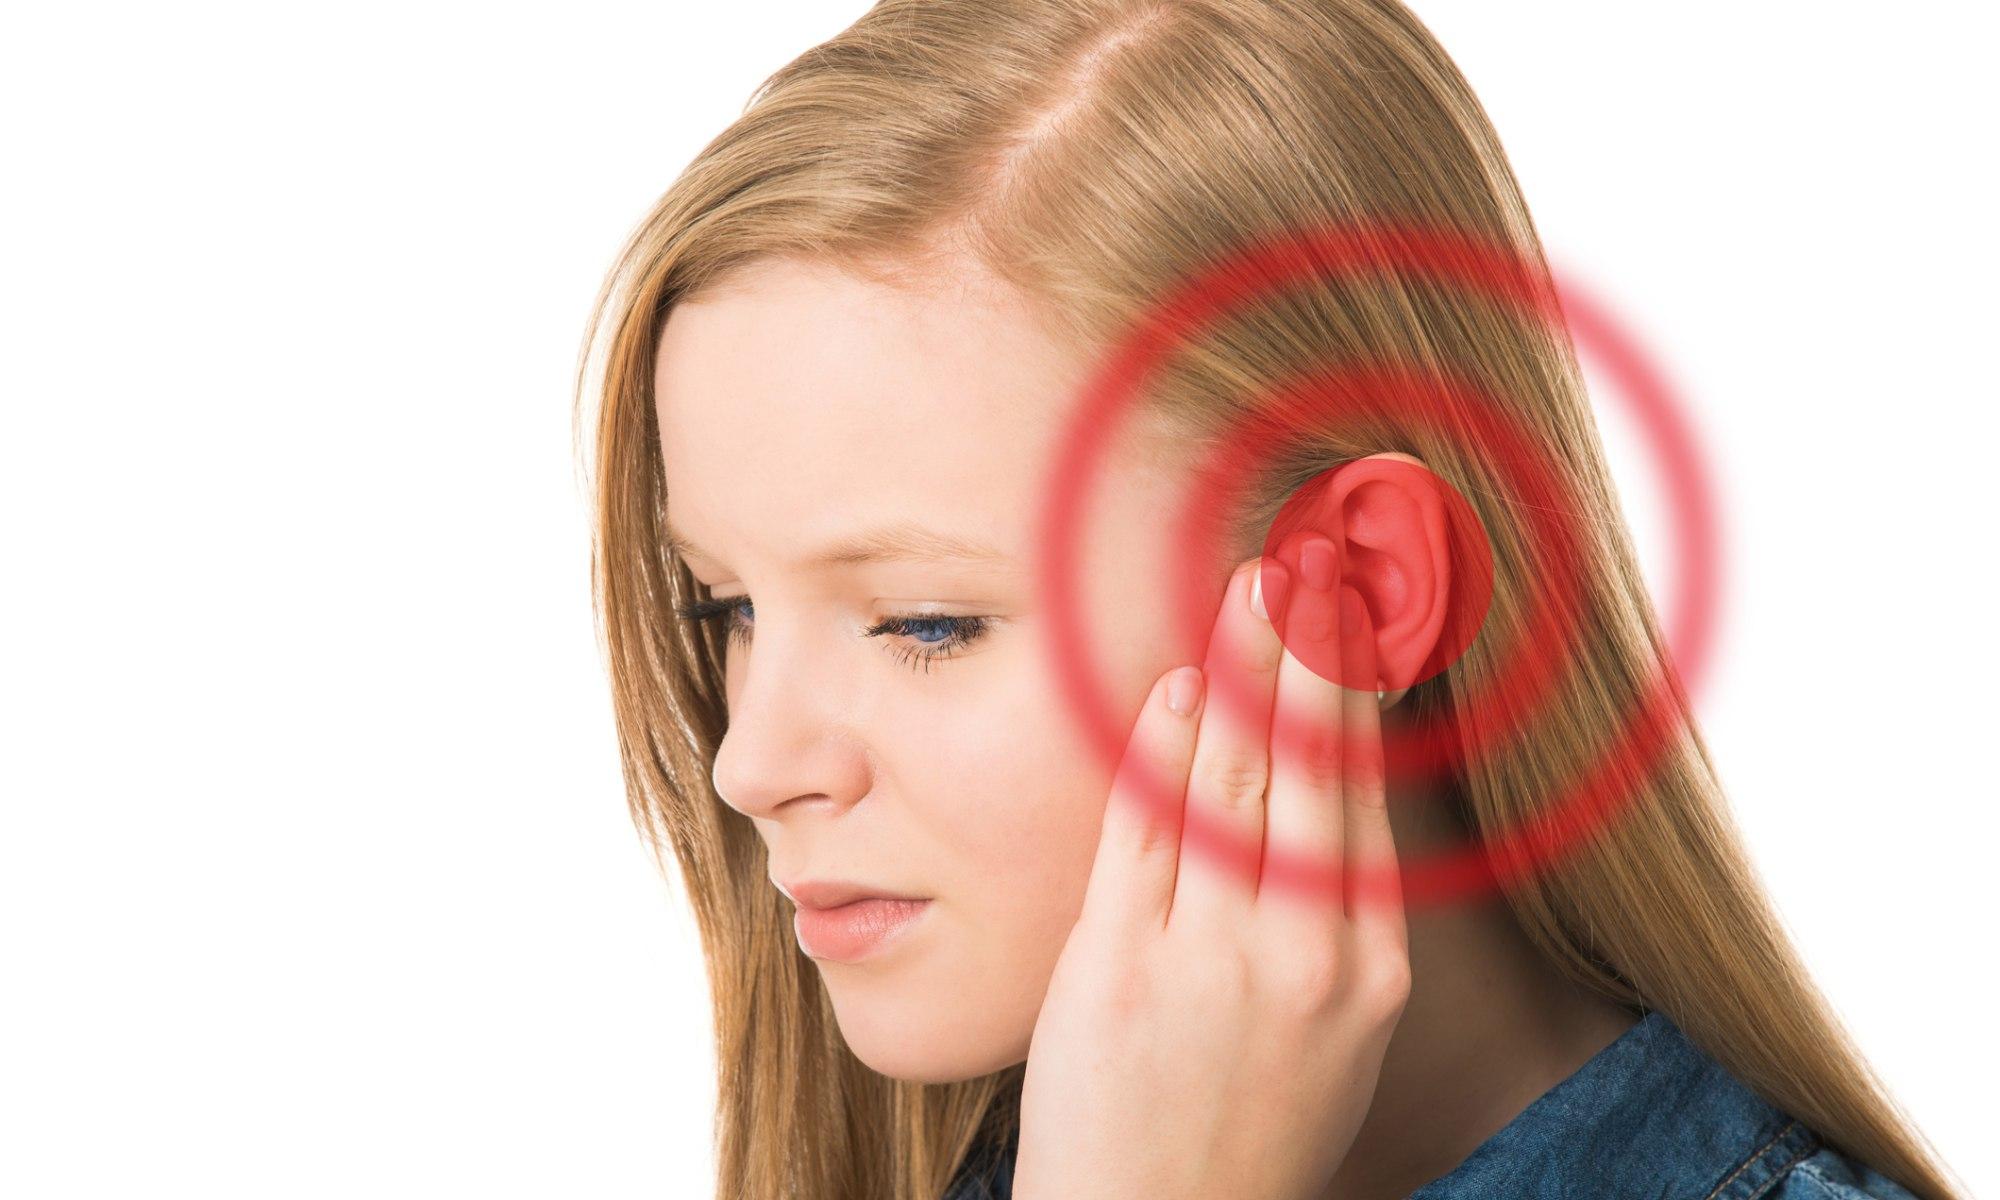 耳鳴病患治療後在家中應持續音樂治療及藥物治療,耳鳴音樂CD一定要每天使用